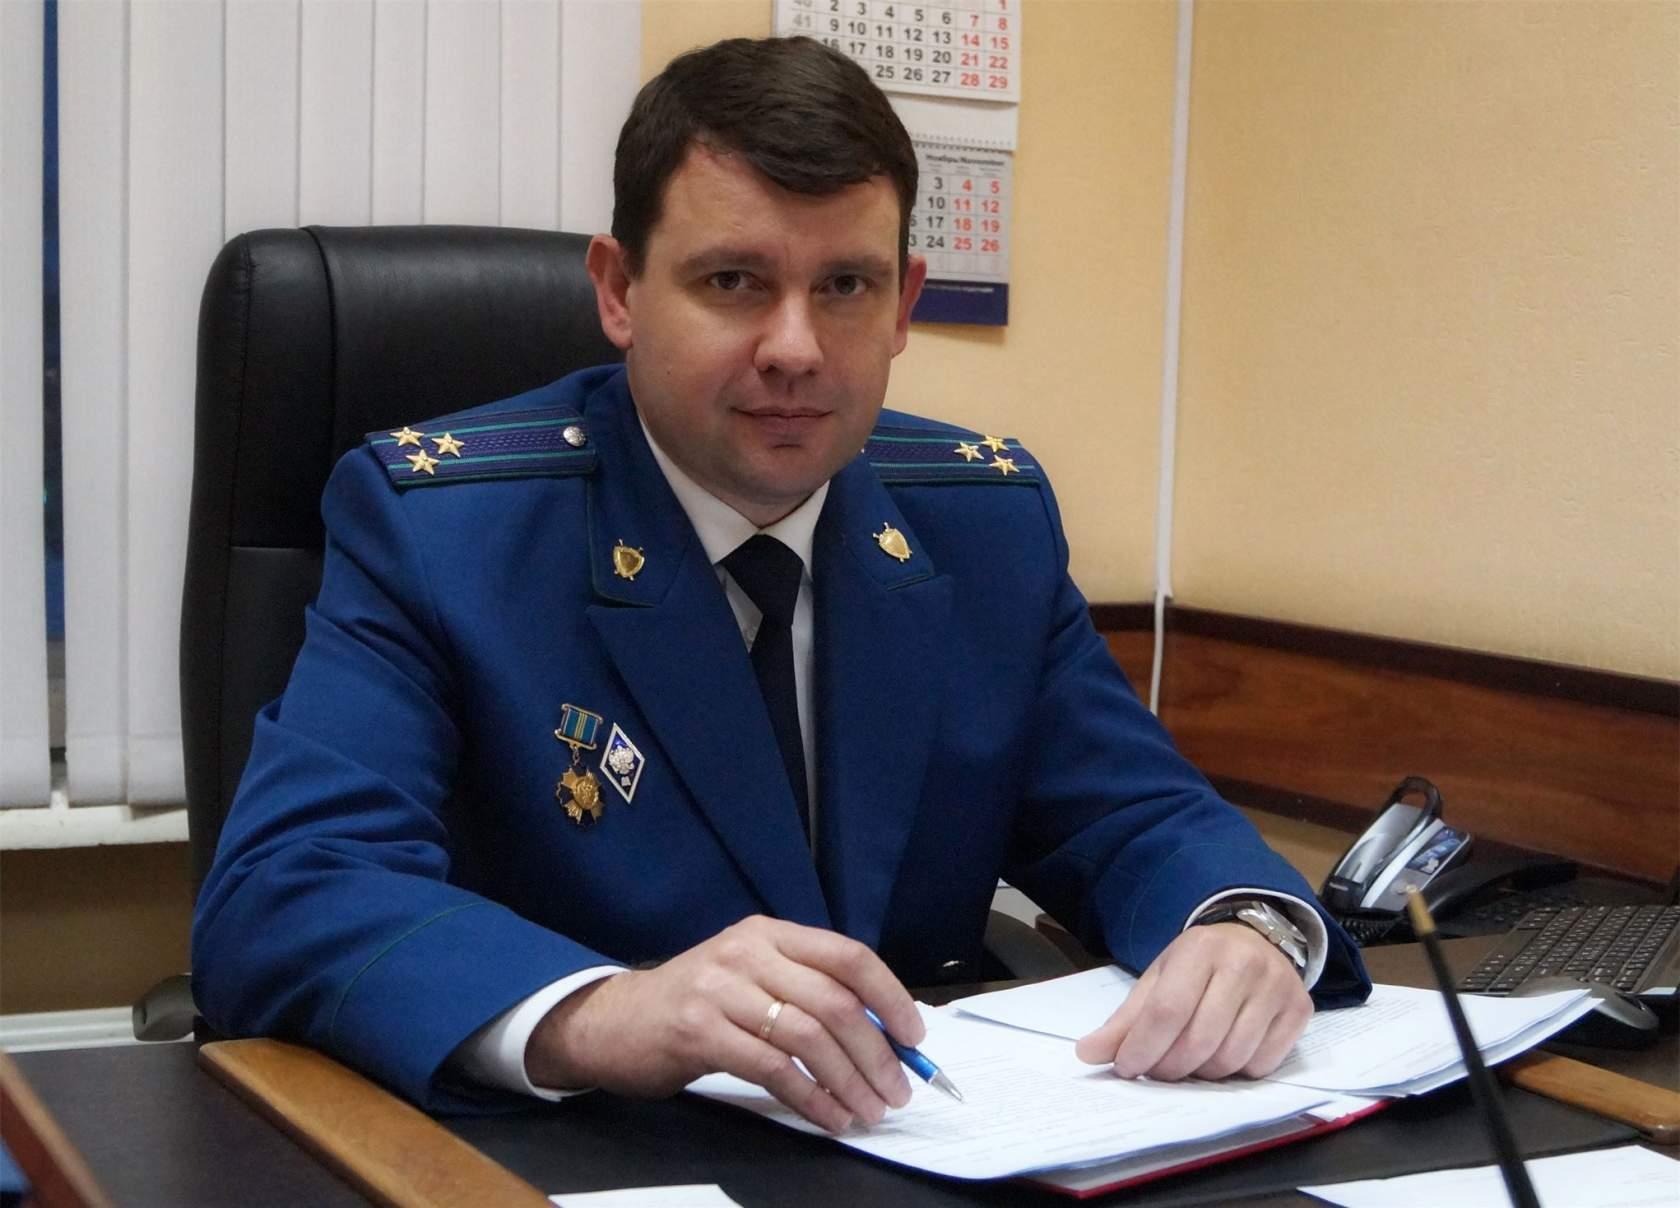 Заместитель прокурора Томской области проведет прием в Северске